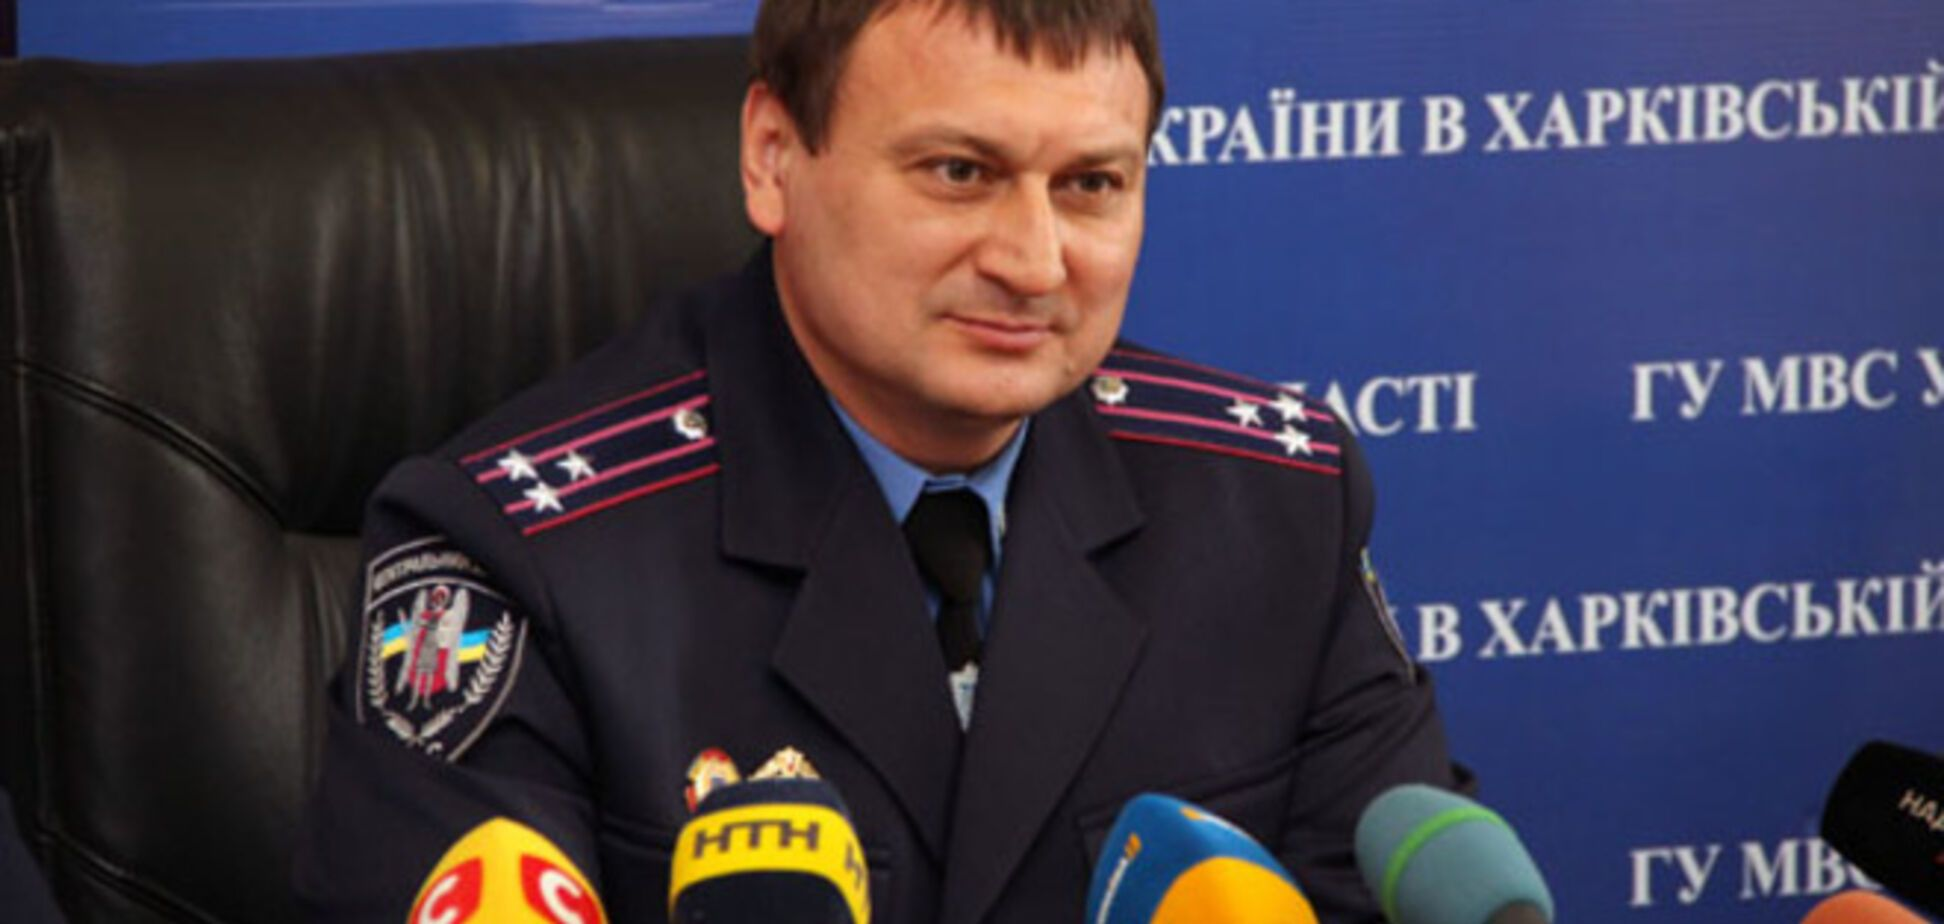 Задержаны подозреваемые в резонансном убийстве харьковского бизнесмена